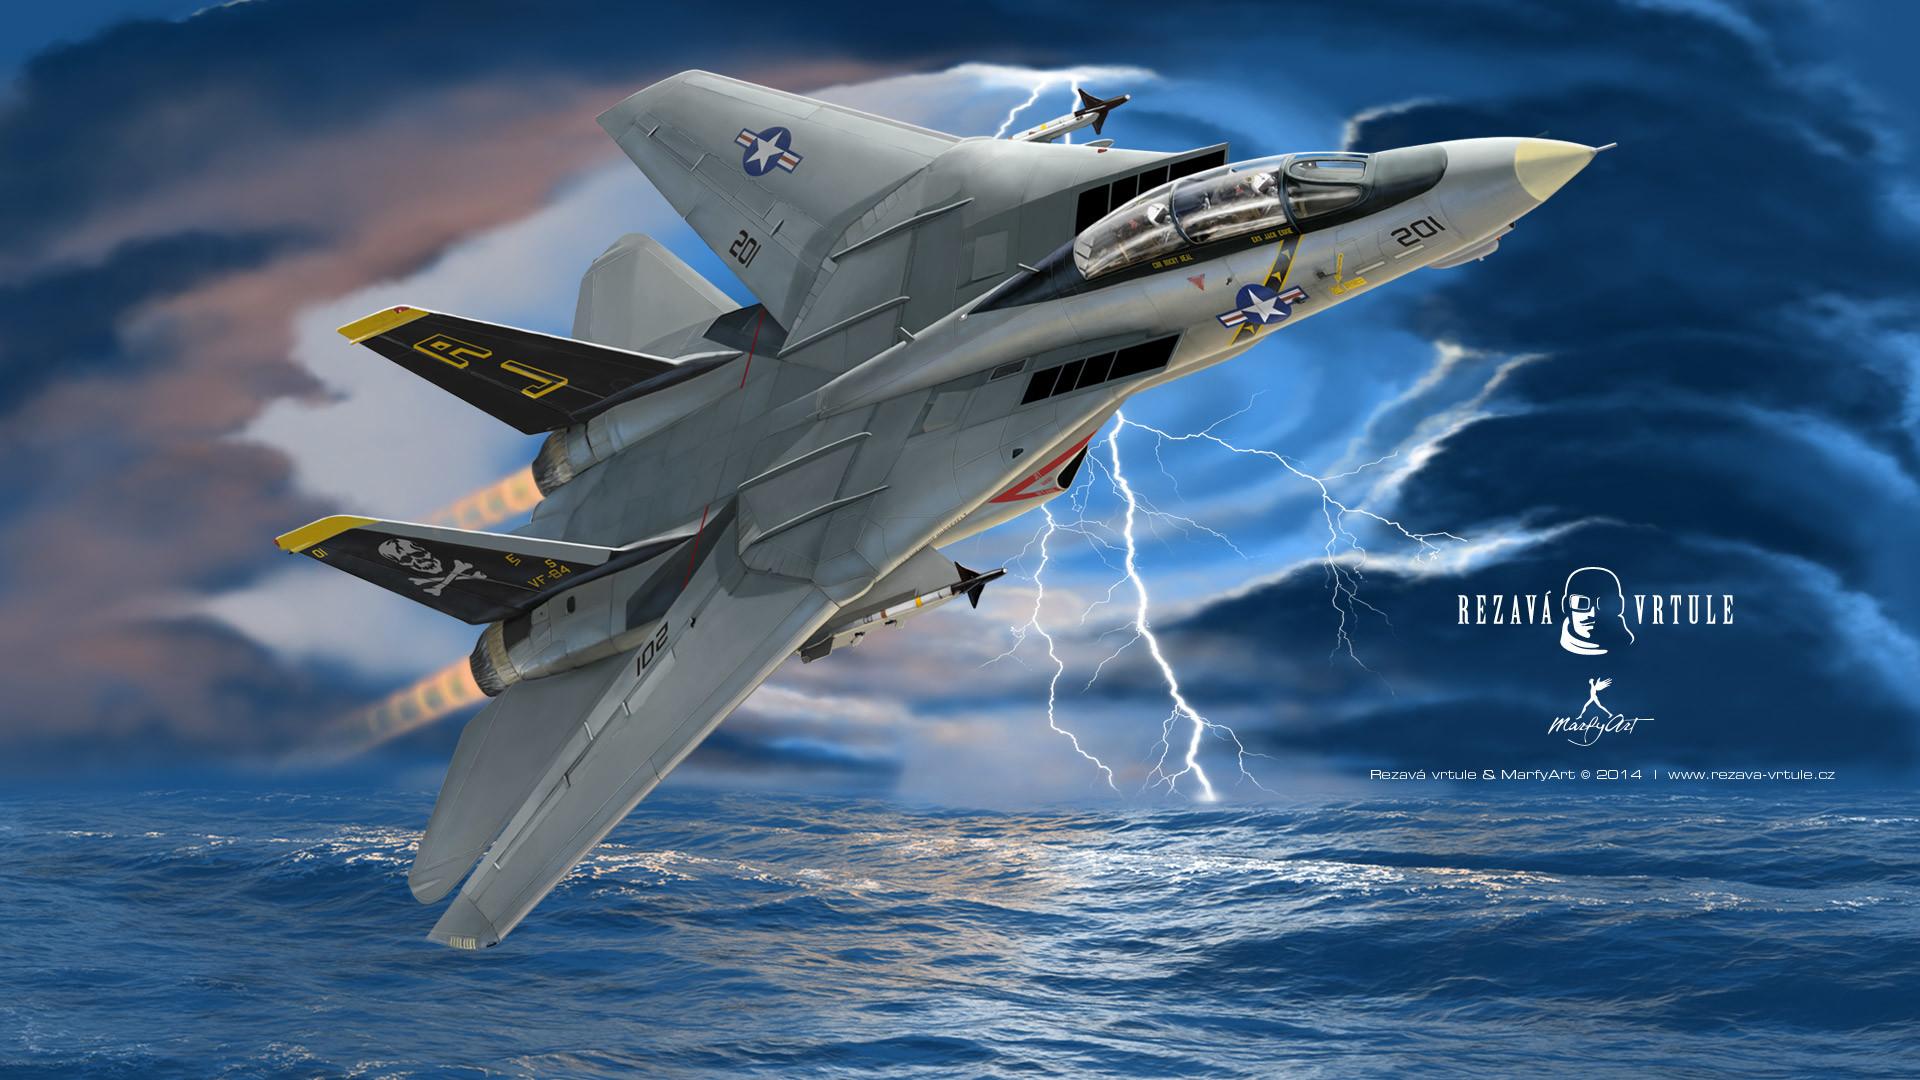 F-14 HD wallpaper 1920×1080